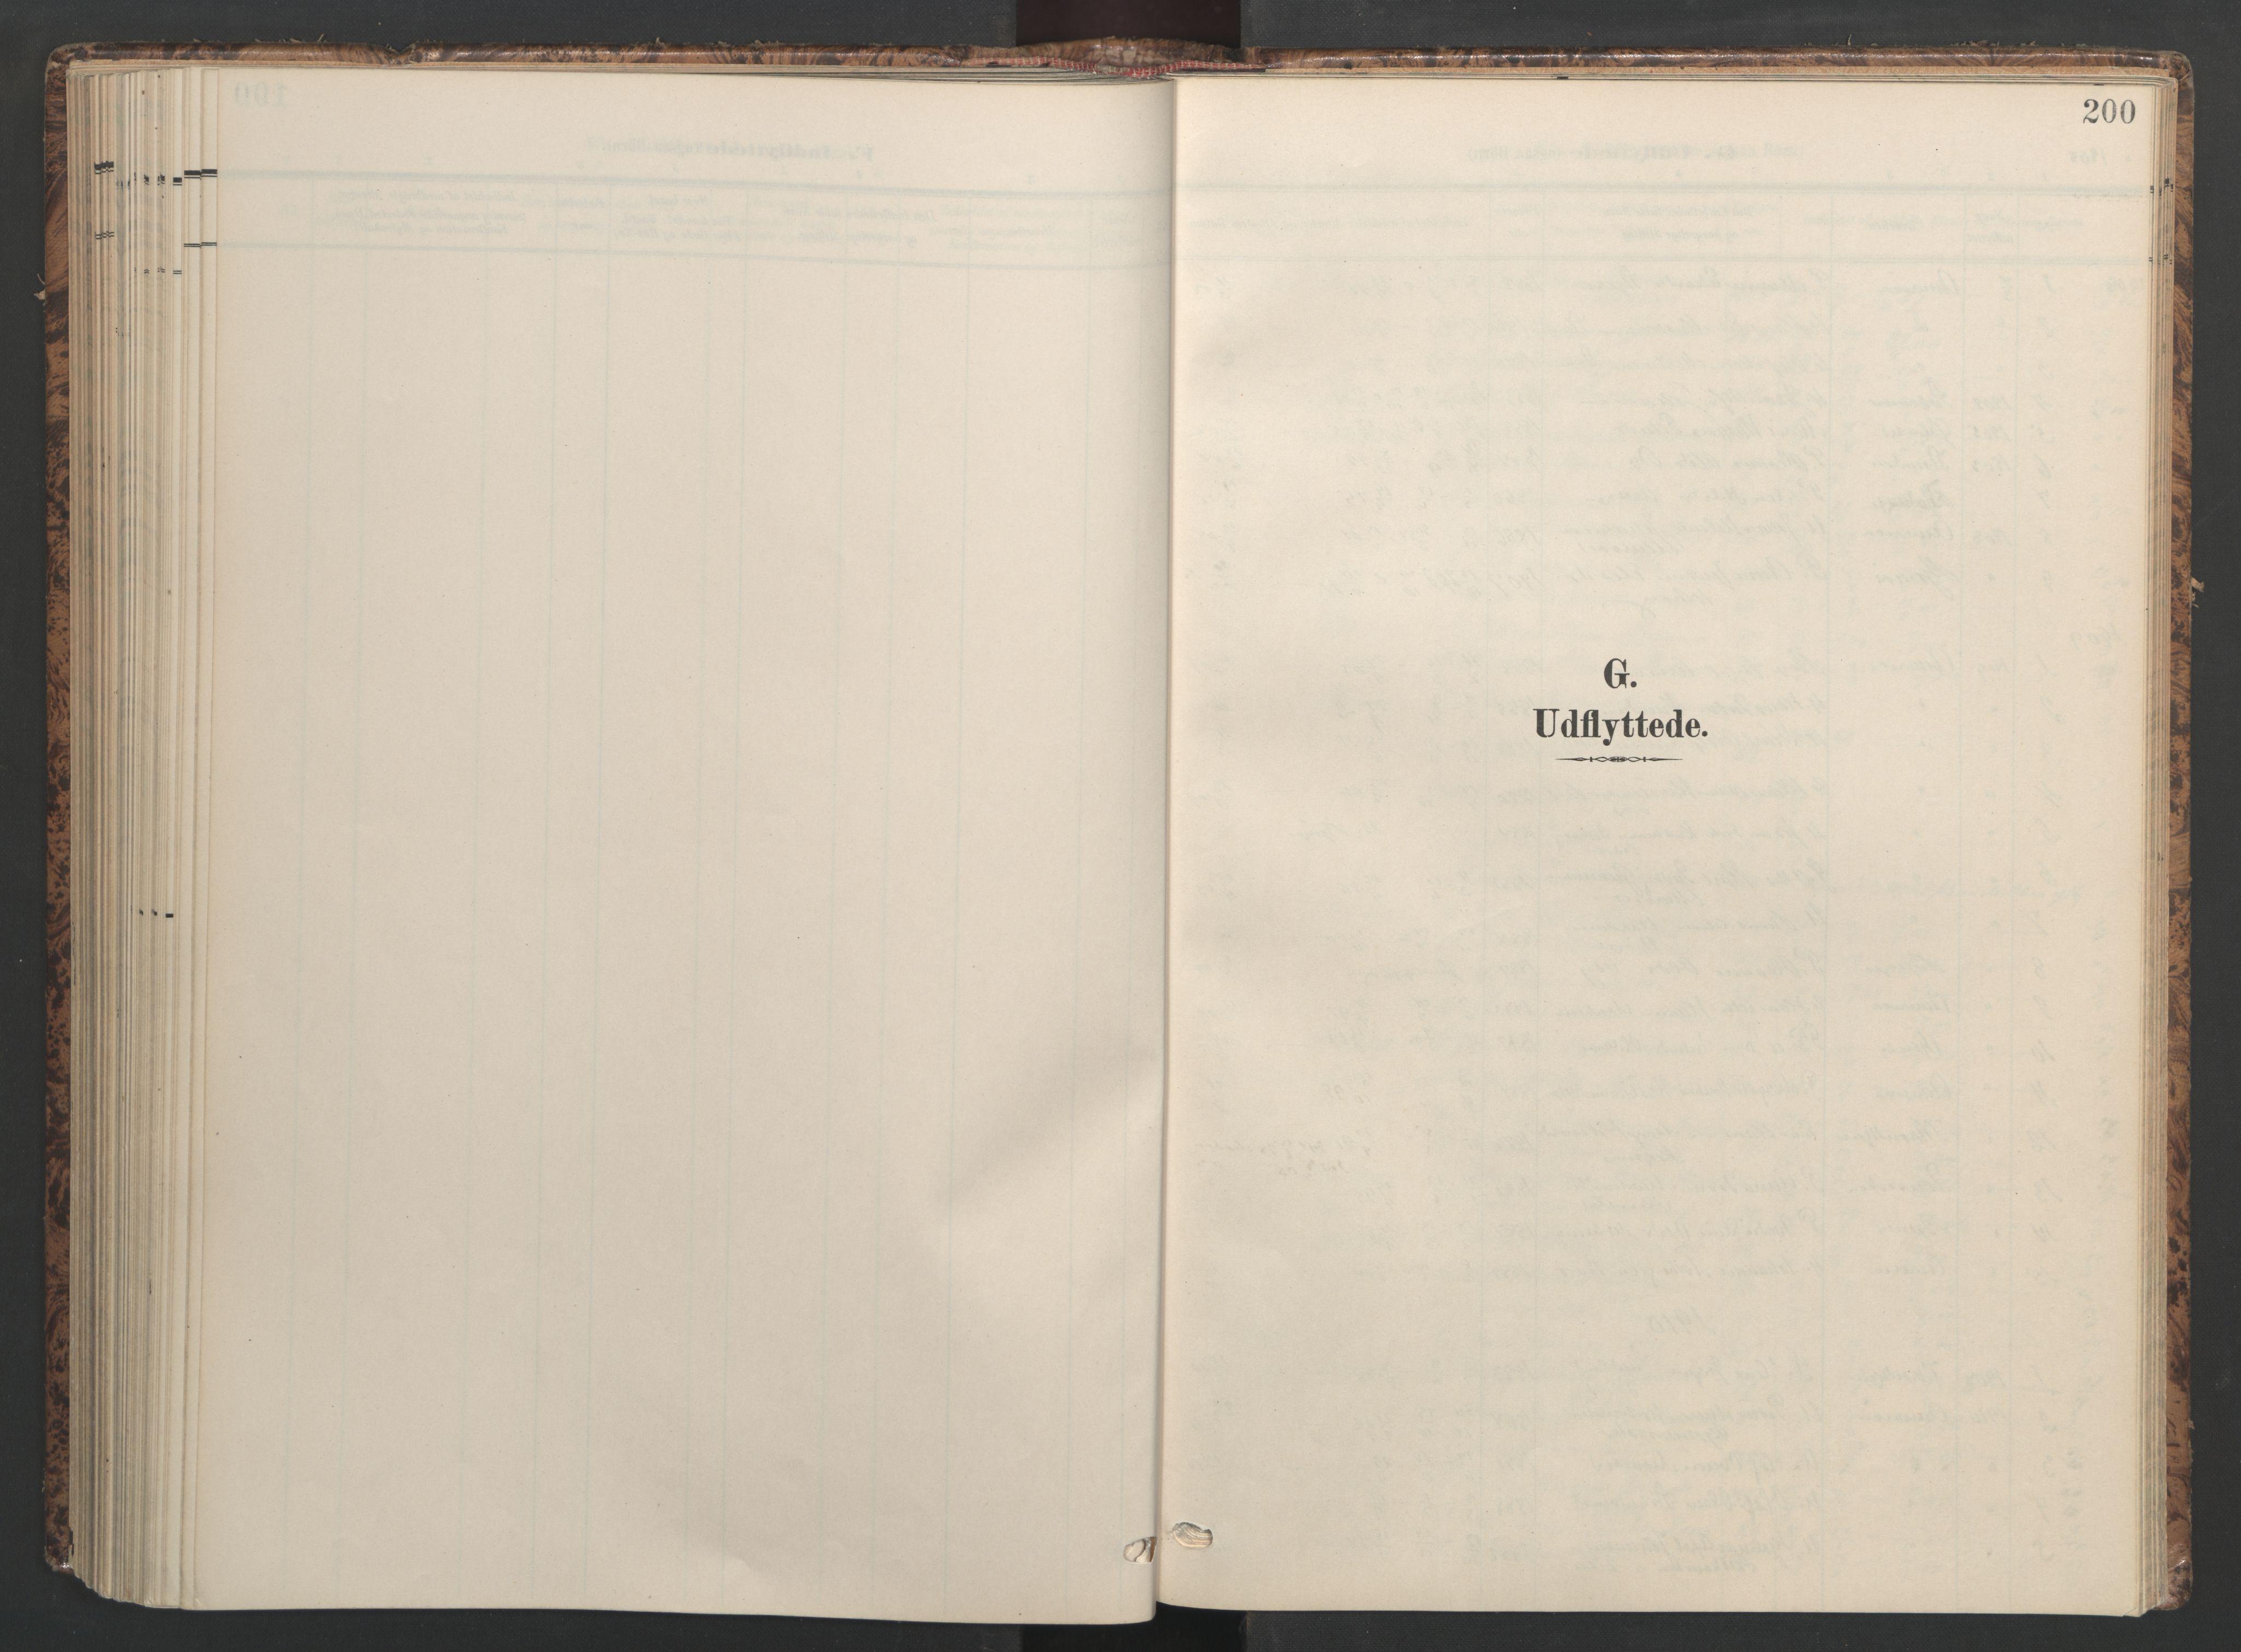 SAT, Ministerialprotokoller, klokkerbøker og fødselsregistre - Sør-Trøndelag, 655/L0682: Ministerialbok nr. 655A11, 1908-1922, s. 200